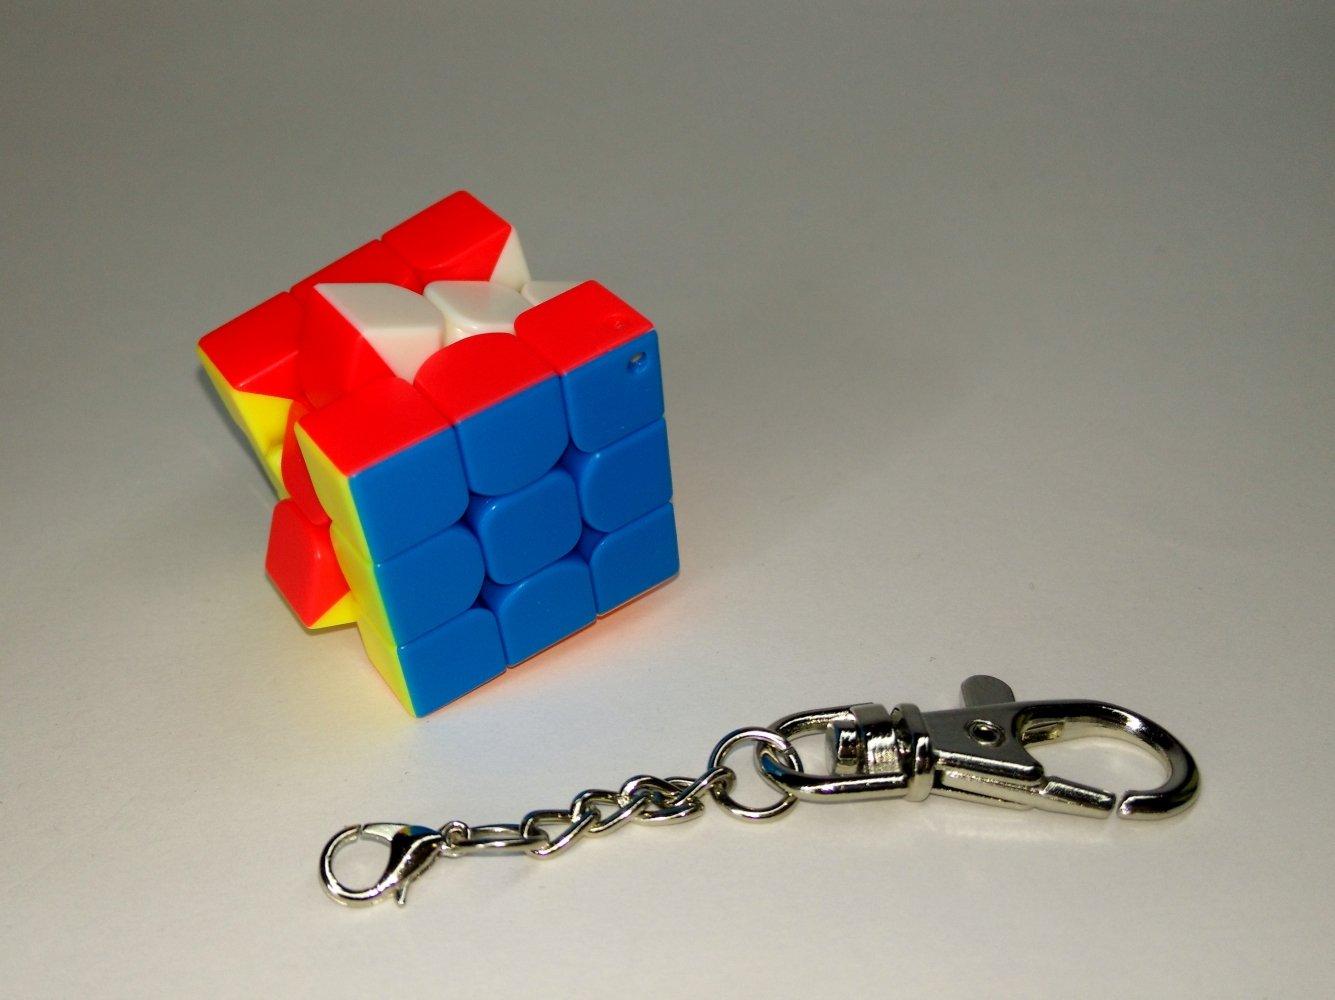 LEVEL25 Llavero cubo mágico cube puzzle regalo original 3x3, 3x3x3, velocidad